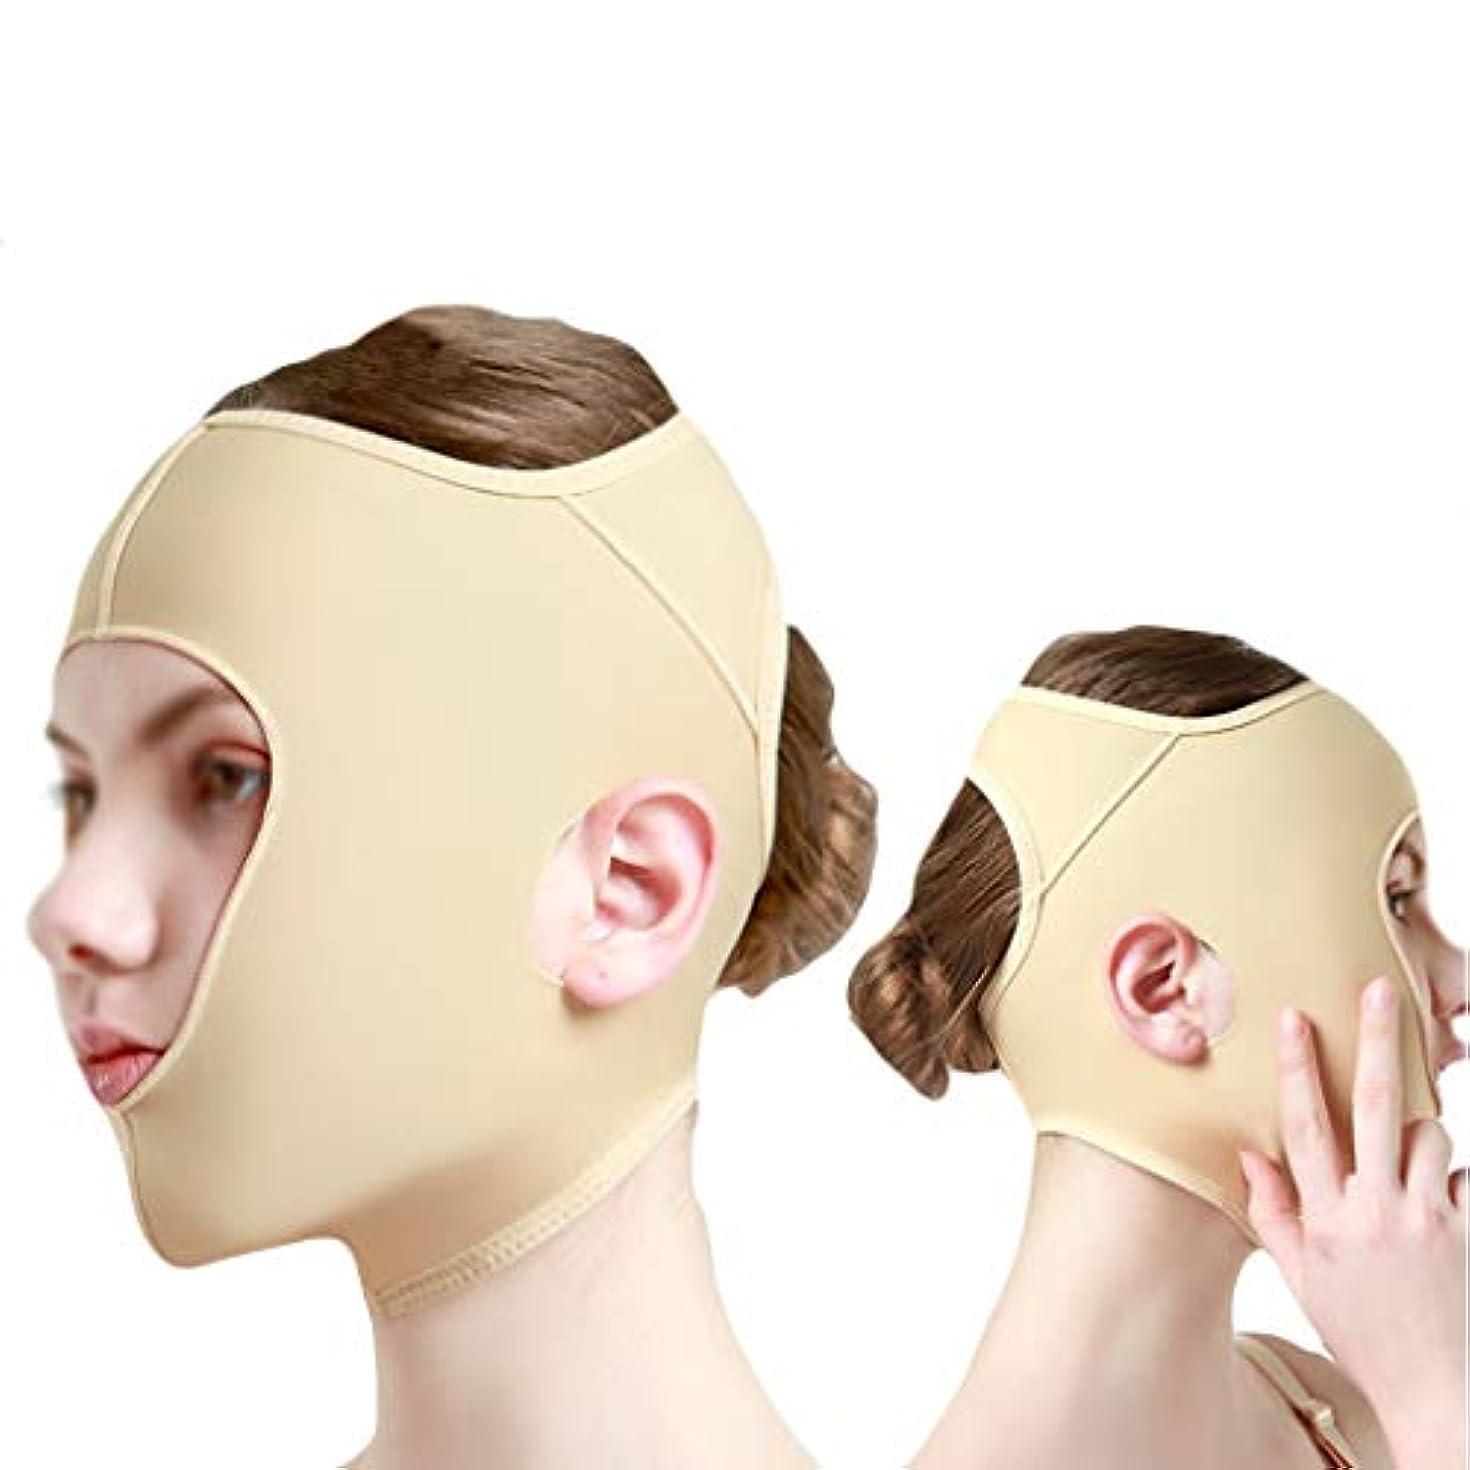 理解する乱雑な矢じりXHLMRMJ 顔の彫刻ツール、脂肪吸引フード、二重あご包帯、ストレッチマスク (Size : M)